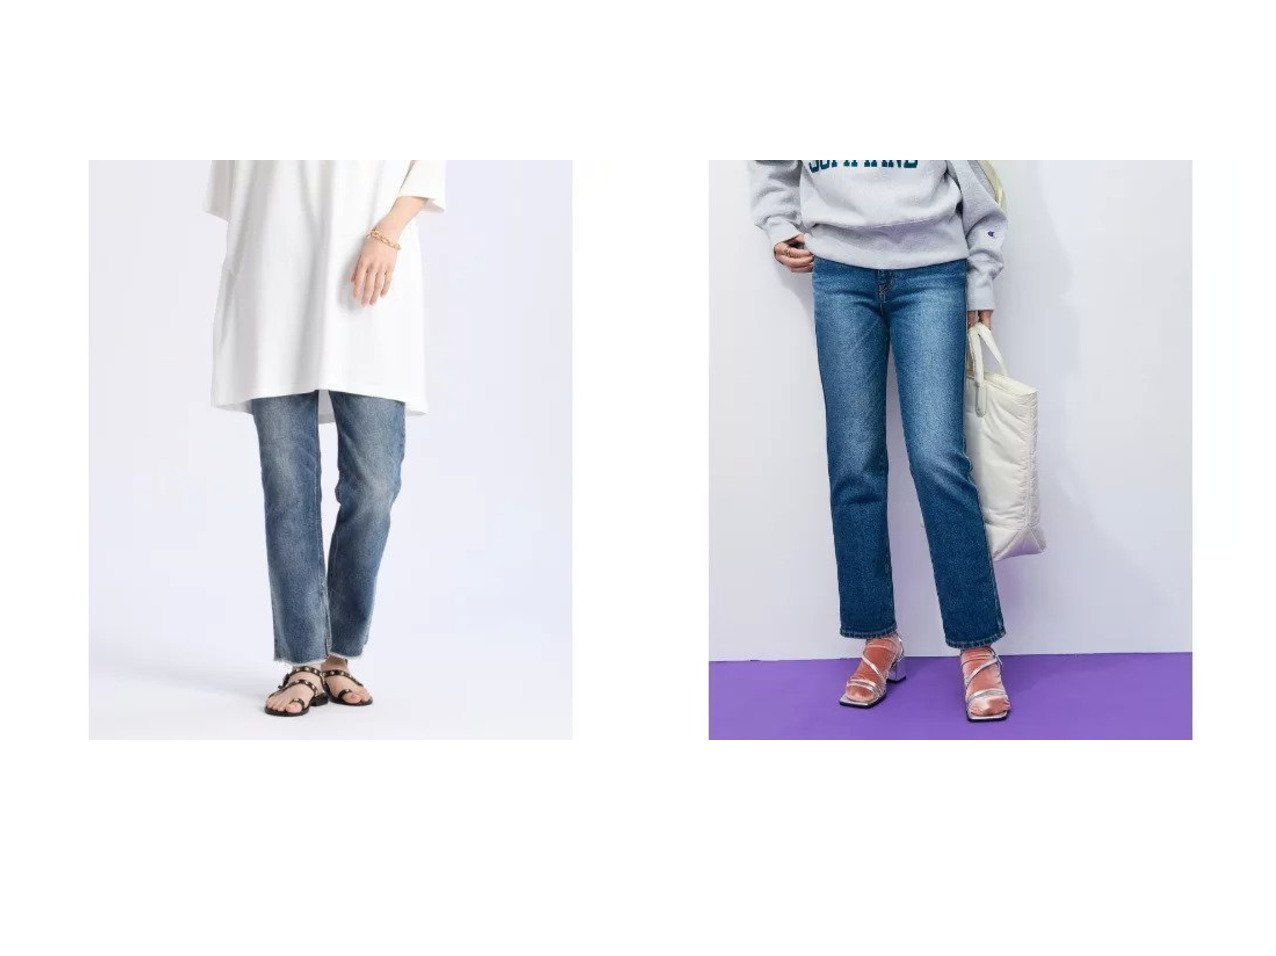 【ADAM ET ROPE'/アダム エ ロペ】の【WEB限定】ストレッチカラーデニムパンツ&【INED/イネド】の《Luftrobe》ストレートスリットデニム《Healthy DENIM》 【パンツ】おすすめ!人気、トレンド・レディースファッションの通販 おすすめで人気の流行・トレンド、ファッションの通販商品 インテリア・家具・メンズファッション・キッズファッション・レディースファッション・服の通販 founy(ファニー) https://founy.com/ ファッション Fashion レディースファッション WOMEN パンツ Pants デニムパンツ Denim Pants ウォッシュ シンプル ストレート スリット デニム トレンド フィット フォルム マニッシュ ヴィンテージ 定番 Standard ストレッチ スリム ツイル バランス ポケット A/W・秋冬 AW・Autumn/Winter・FW・Fall-Winter 2021年 2021 2021-2022秋冬・A/W AW・Autumn/Winter・FW・Fall-Winter・2021-2022 おすすめ Recommend  ID:crp329100000059136